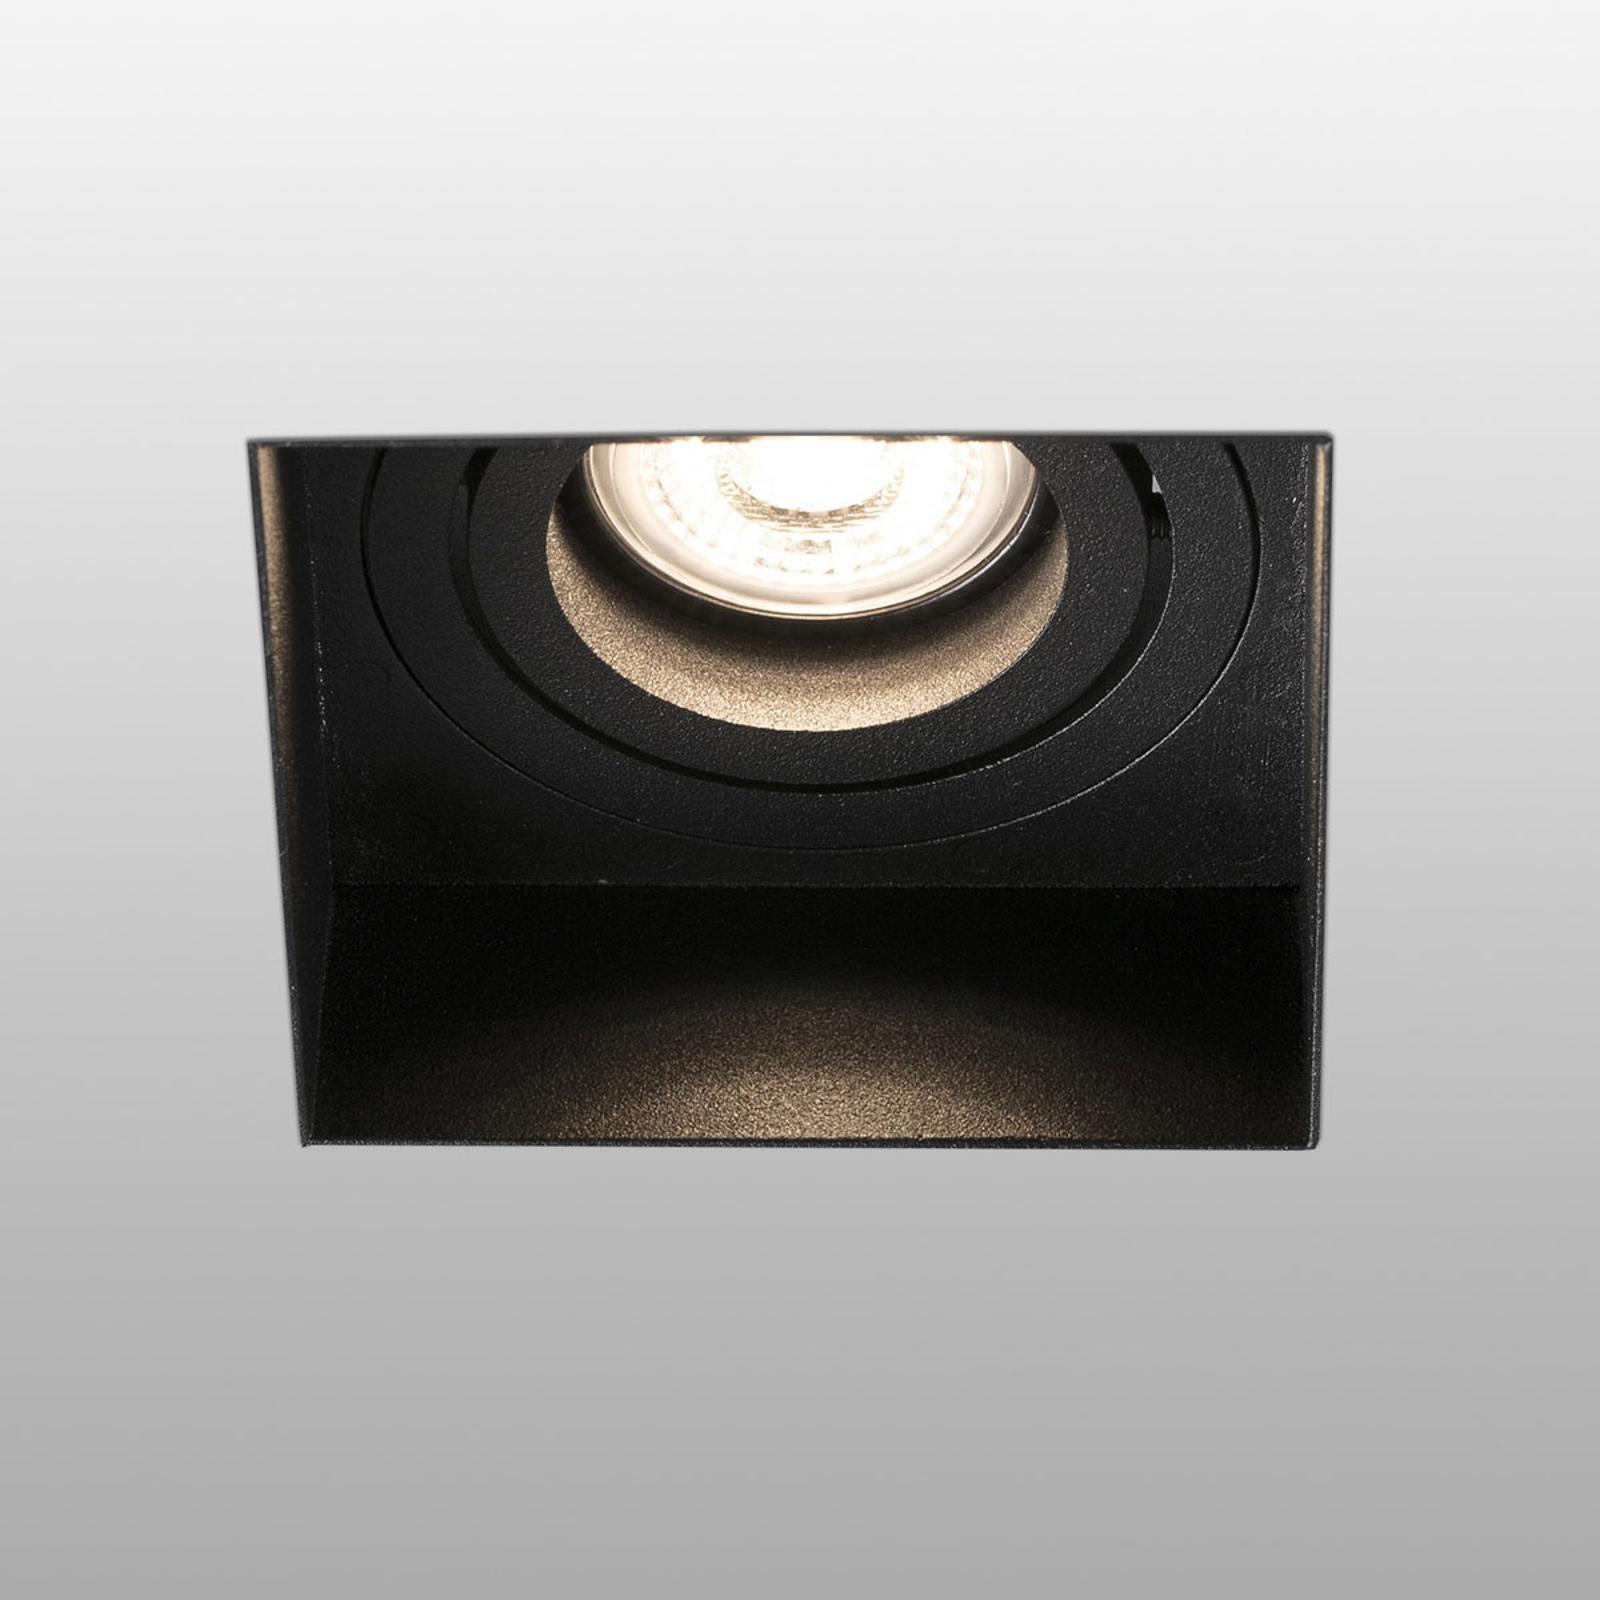 Inbouwspot Hyde 1-lamp hoekig gezwenkt zwart